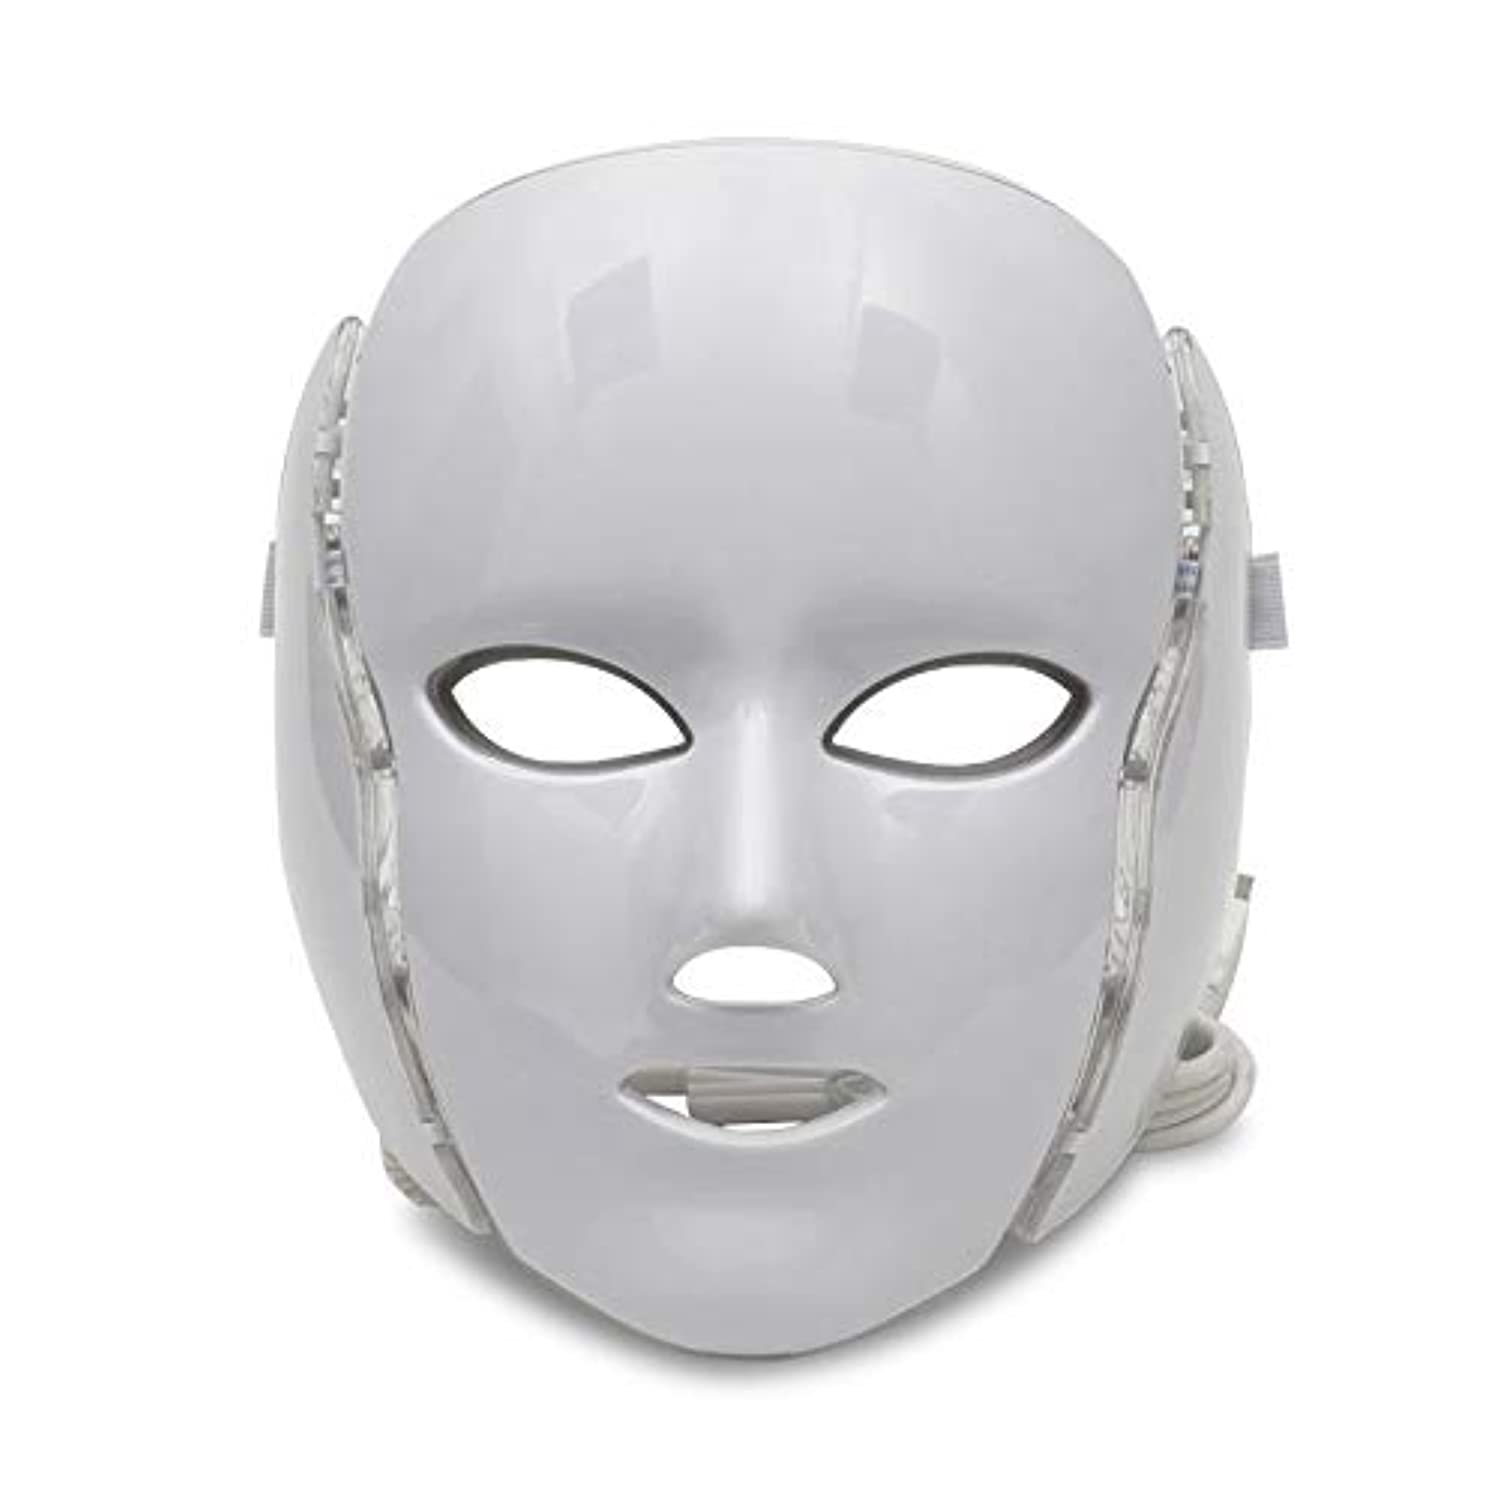 寂しい判読できない広告カラフルな美容マスクにきび色スポットライトマスク美容楽器ホワイトニング柔らかい肌リードマスク